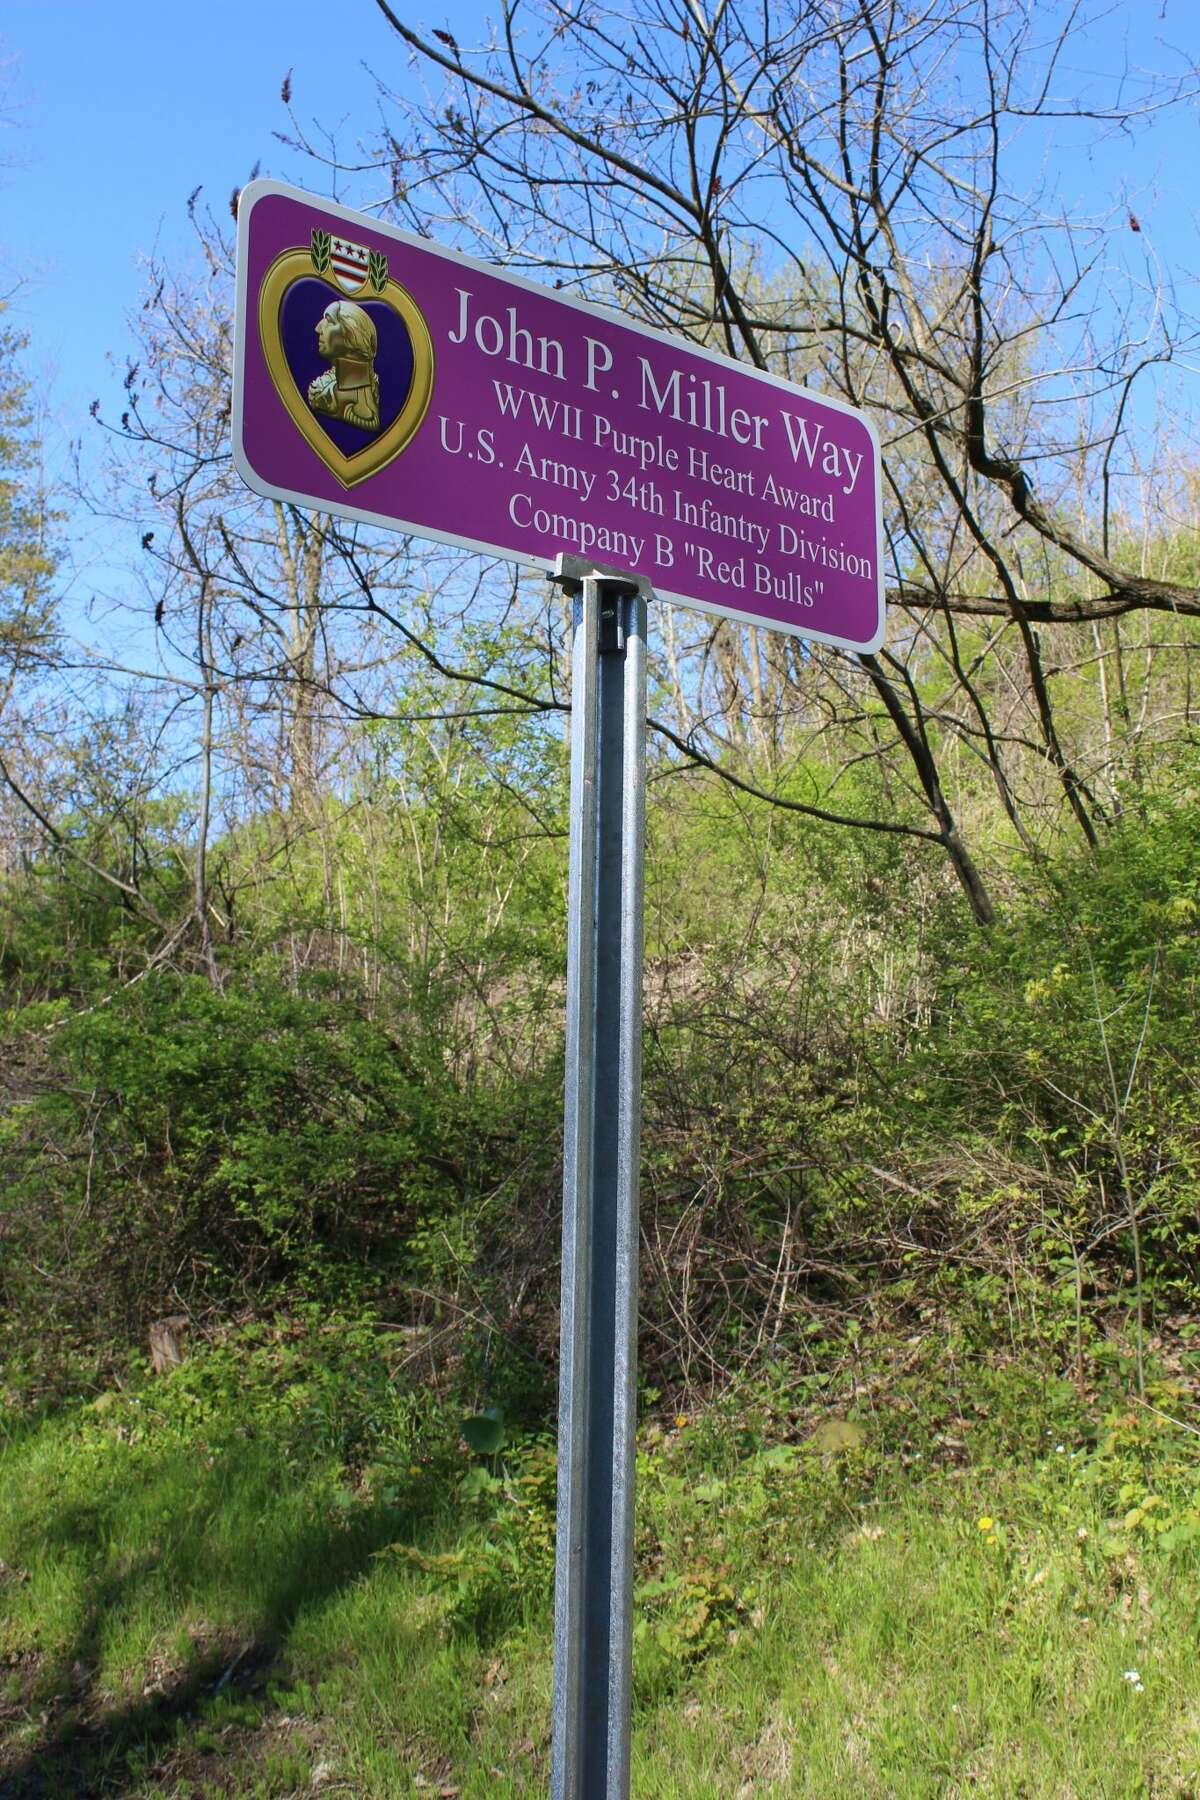 John P. Miller Way sign